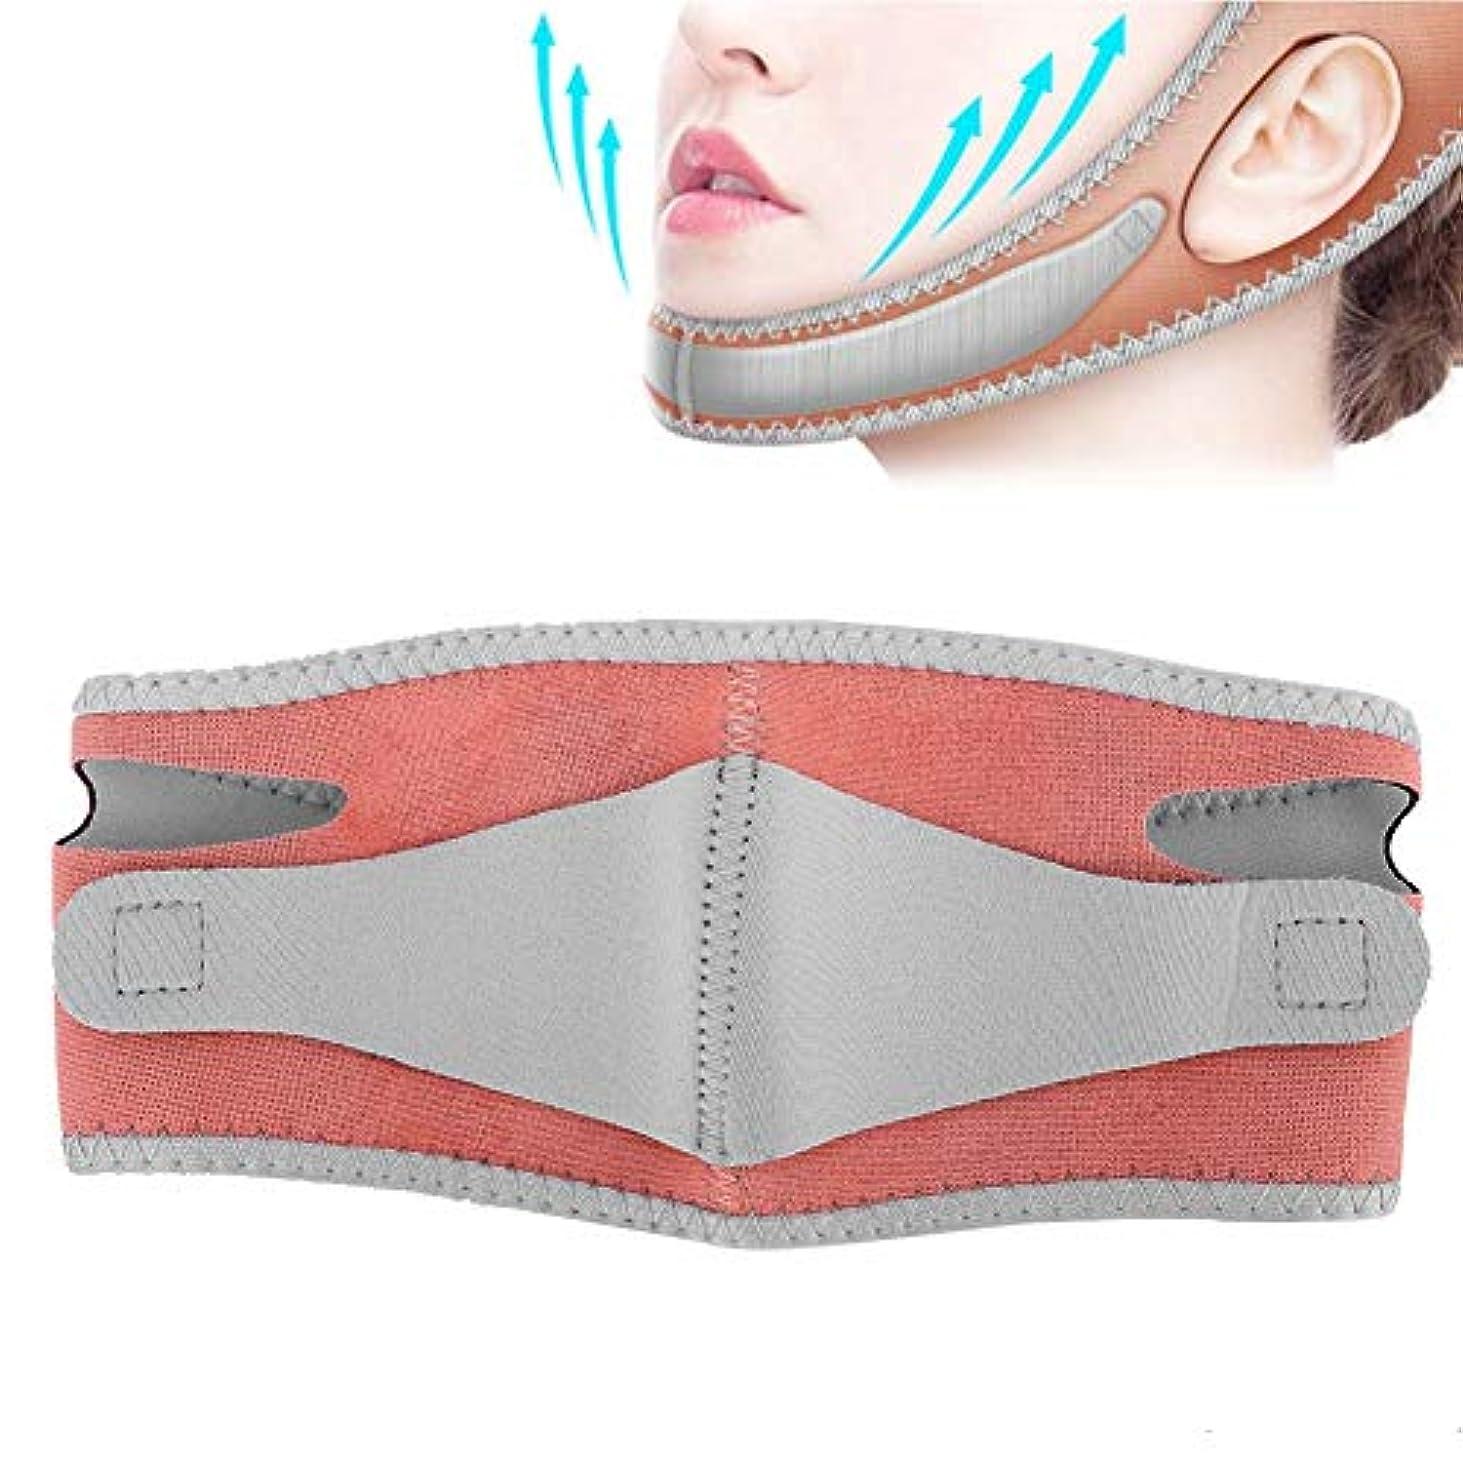 はちみつ夫インシデント薄い顔包帯顔、Vフェイスラインスリムダブルチンチークスリムリフトアップ引き締まった肌防止マスクあなたが顔の肌を引き締めるのに役立ちます